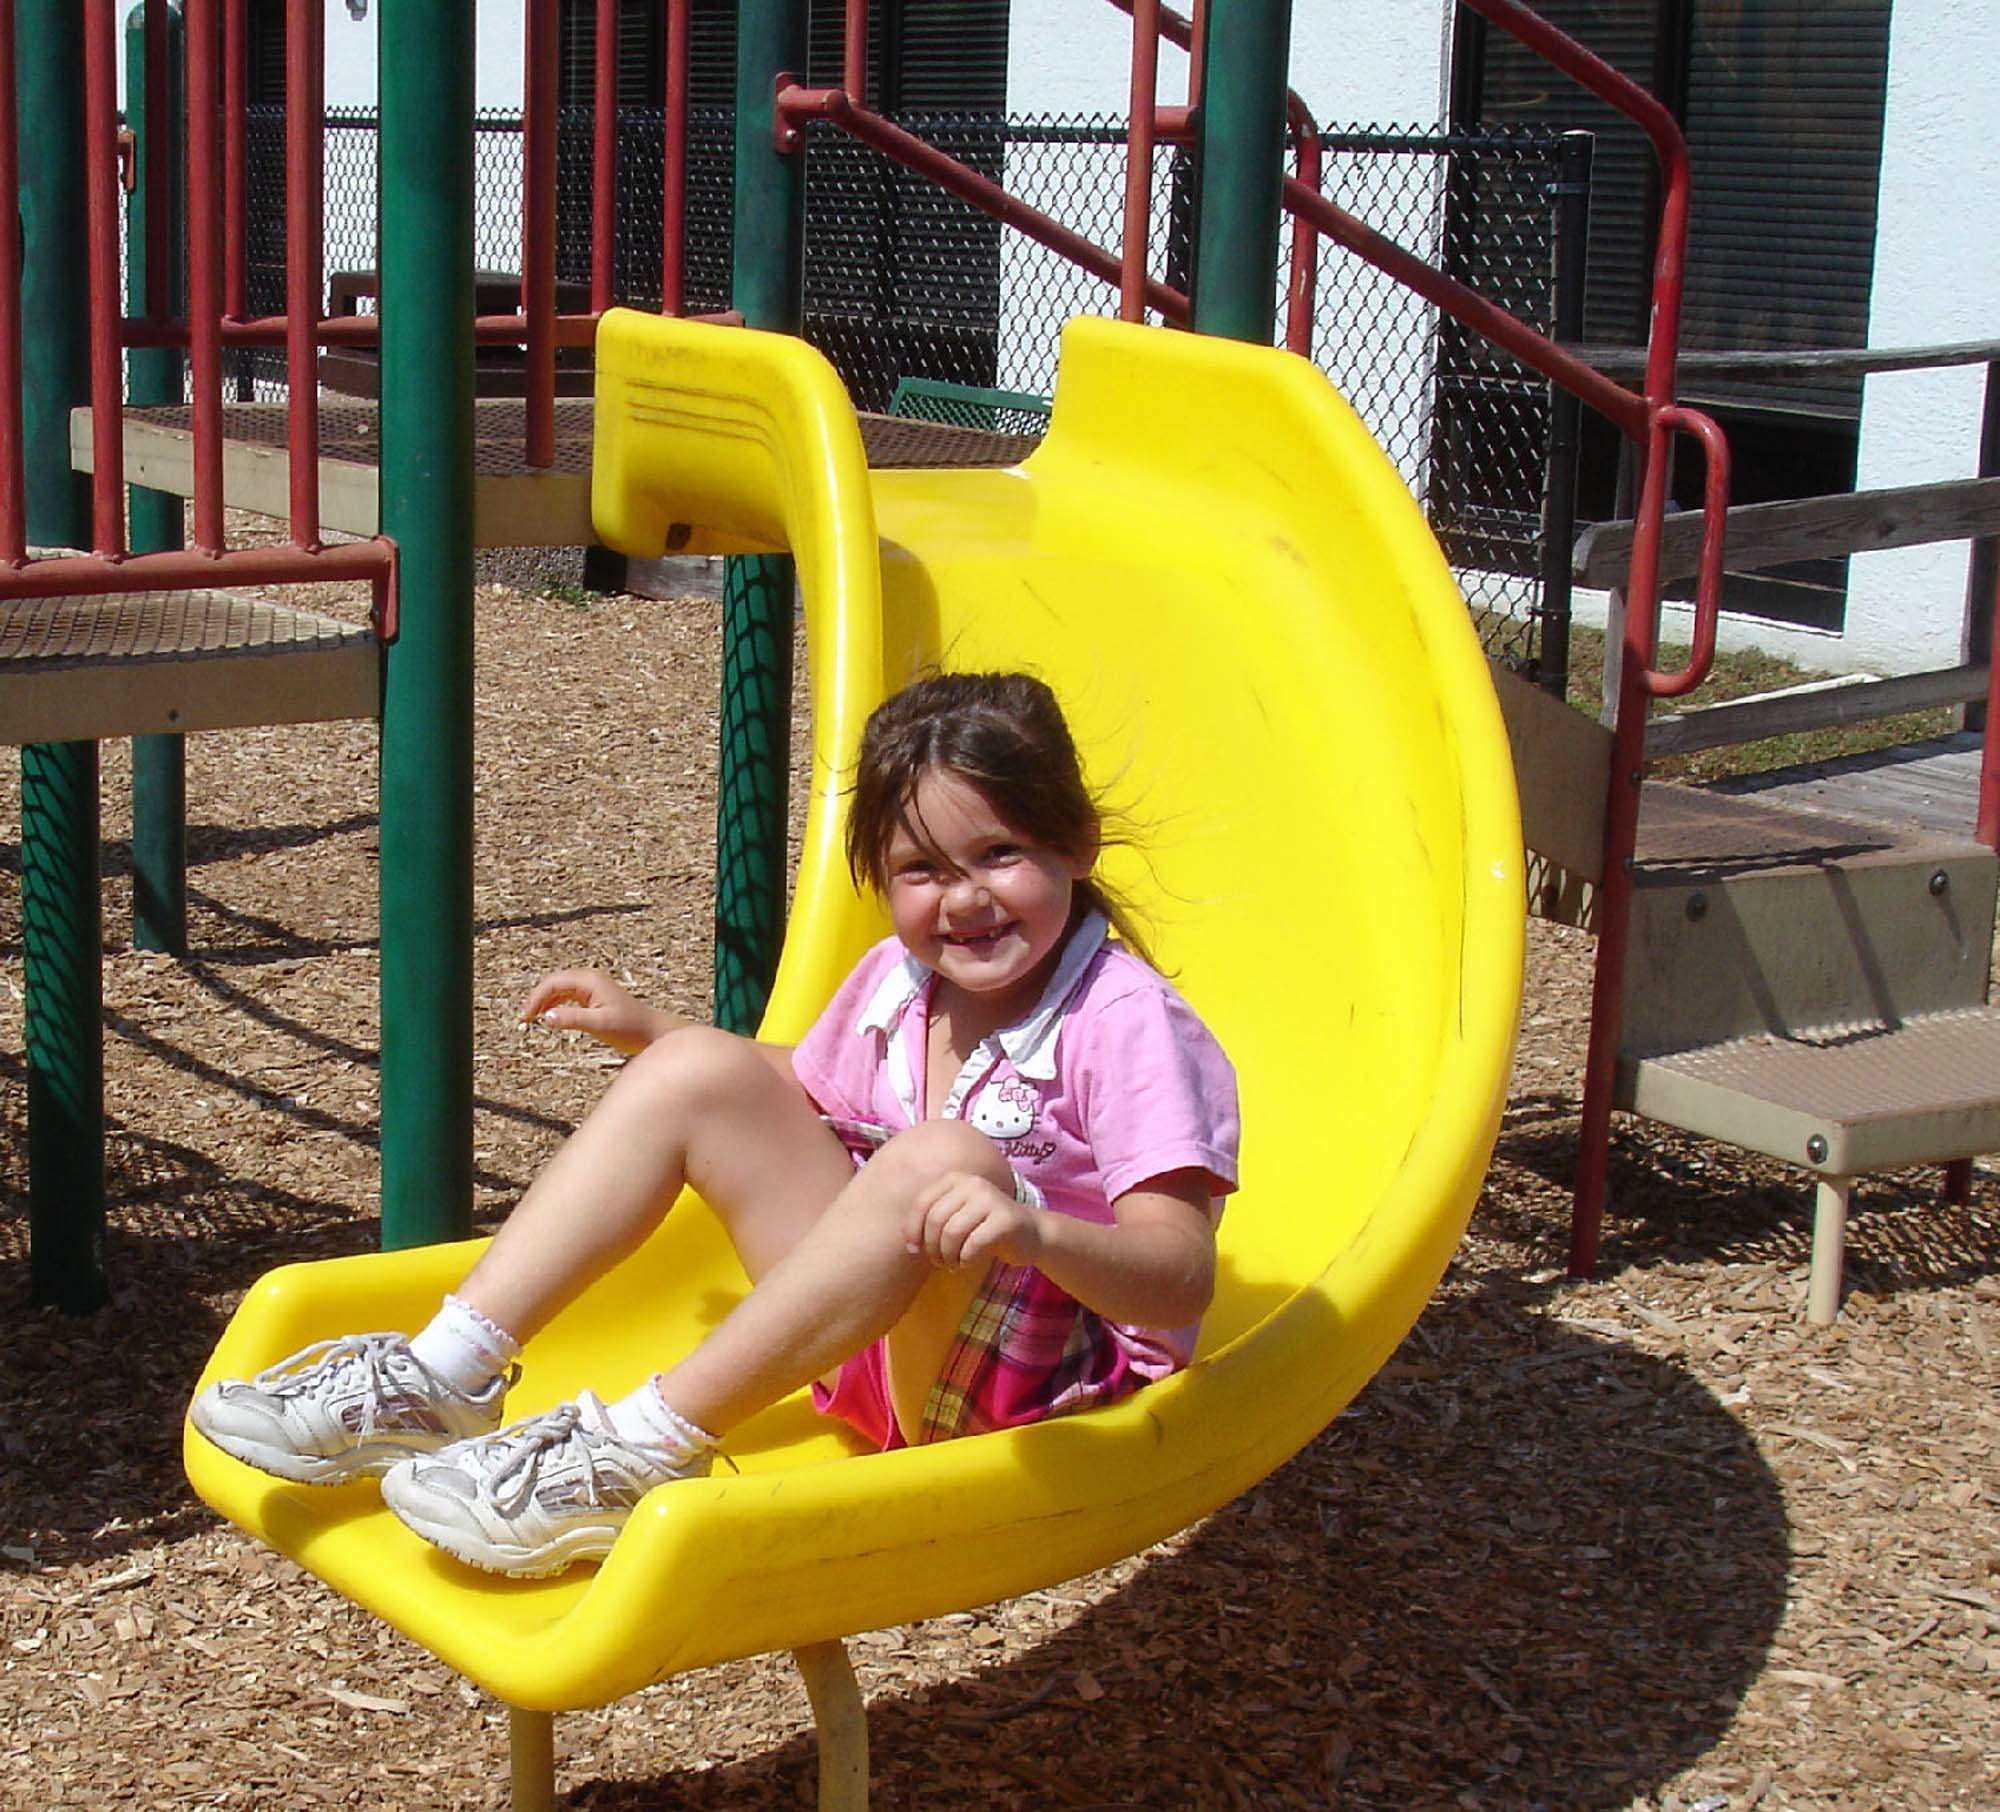 Slidegirl